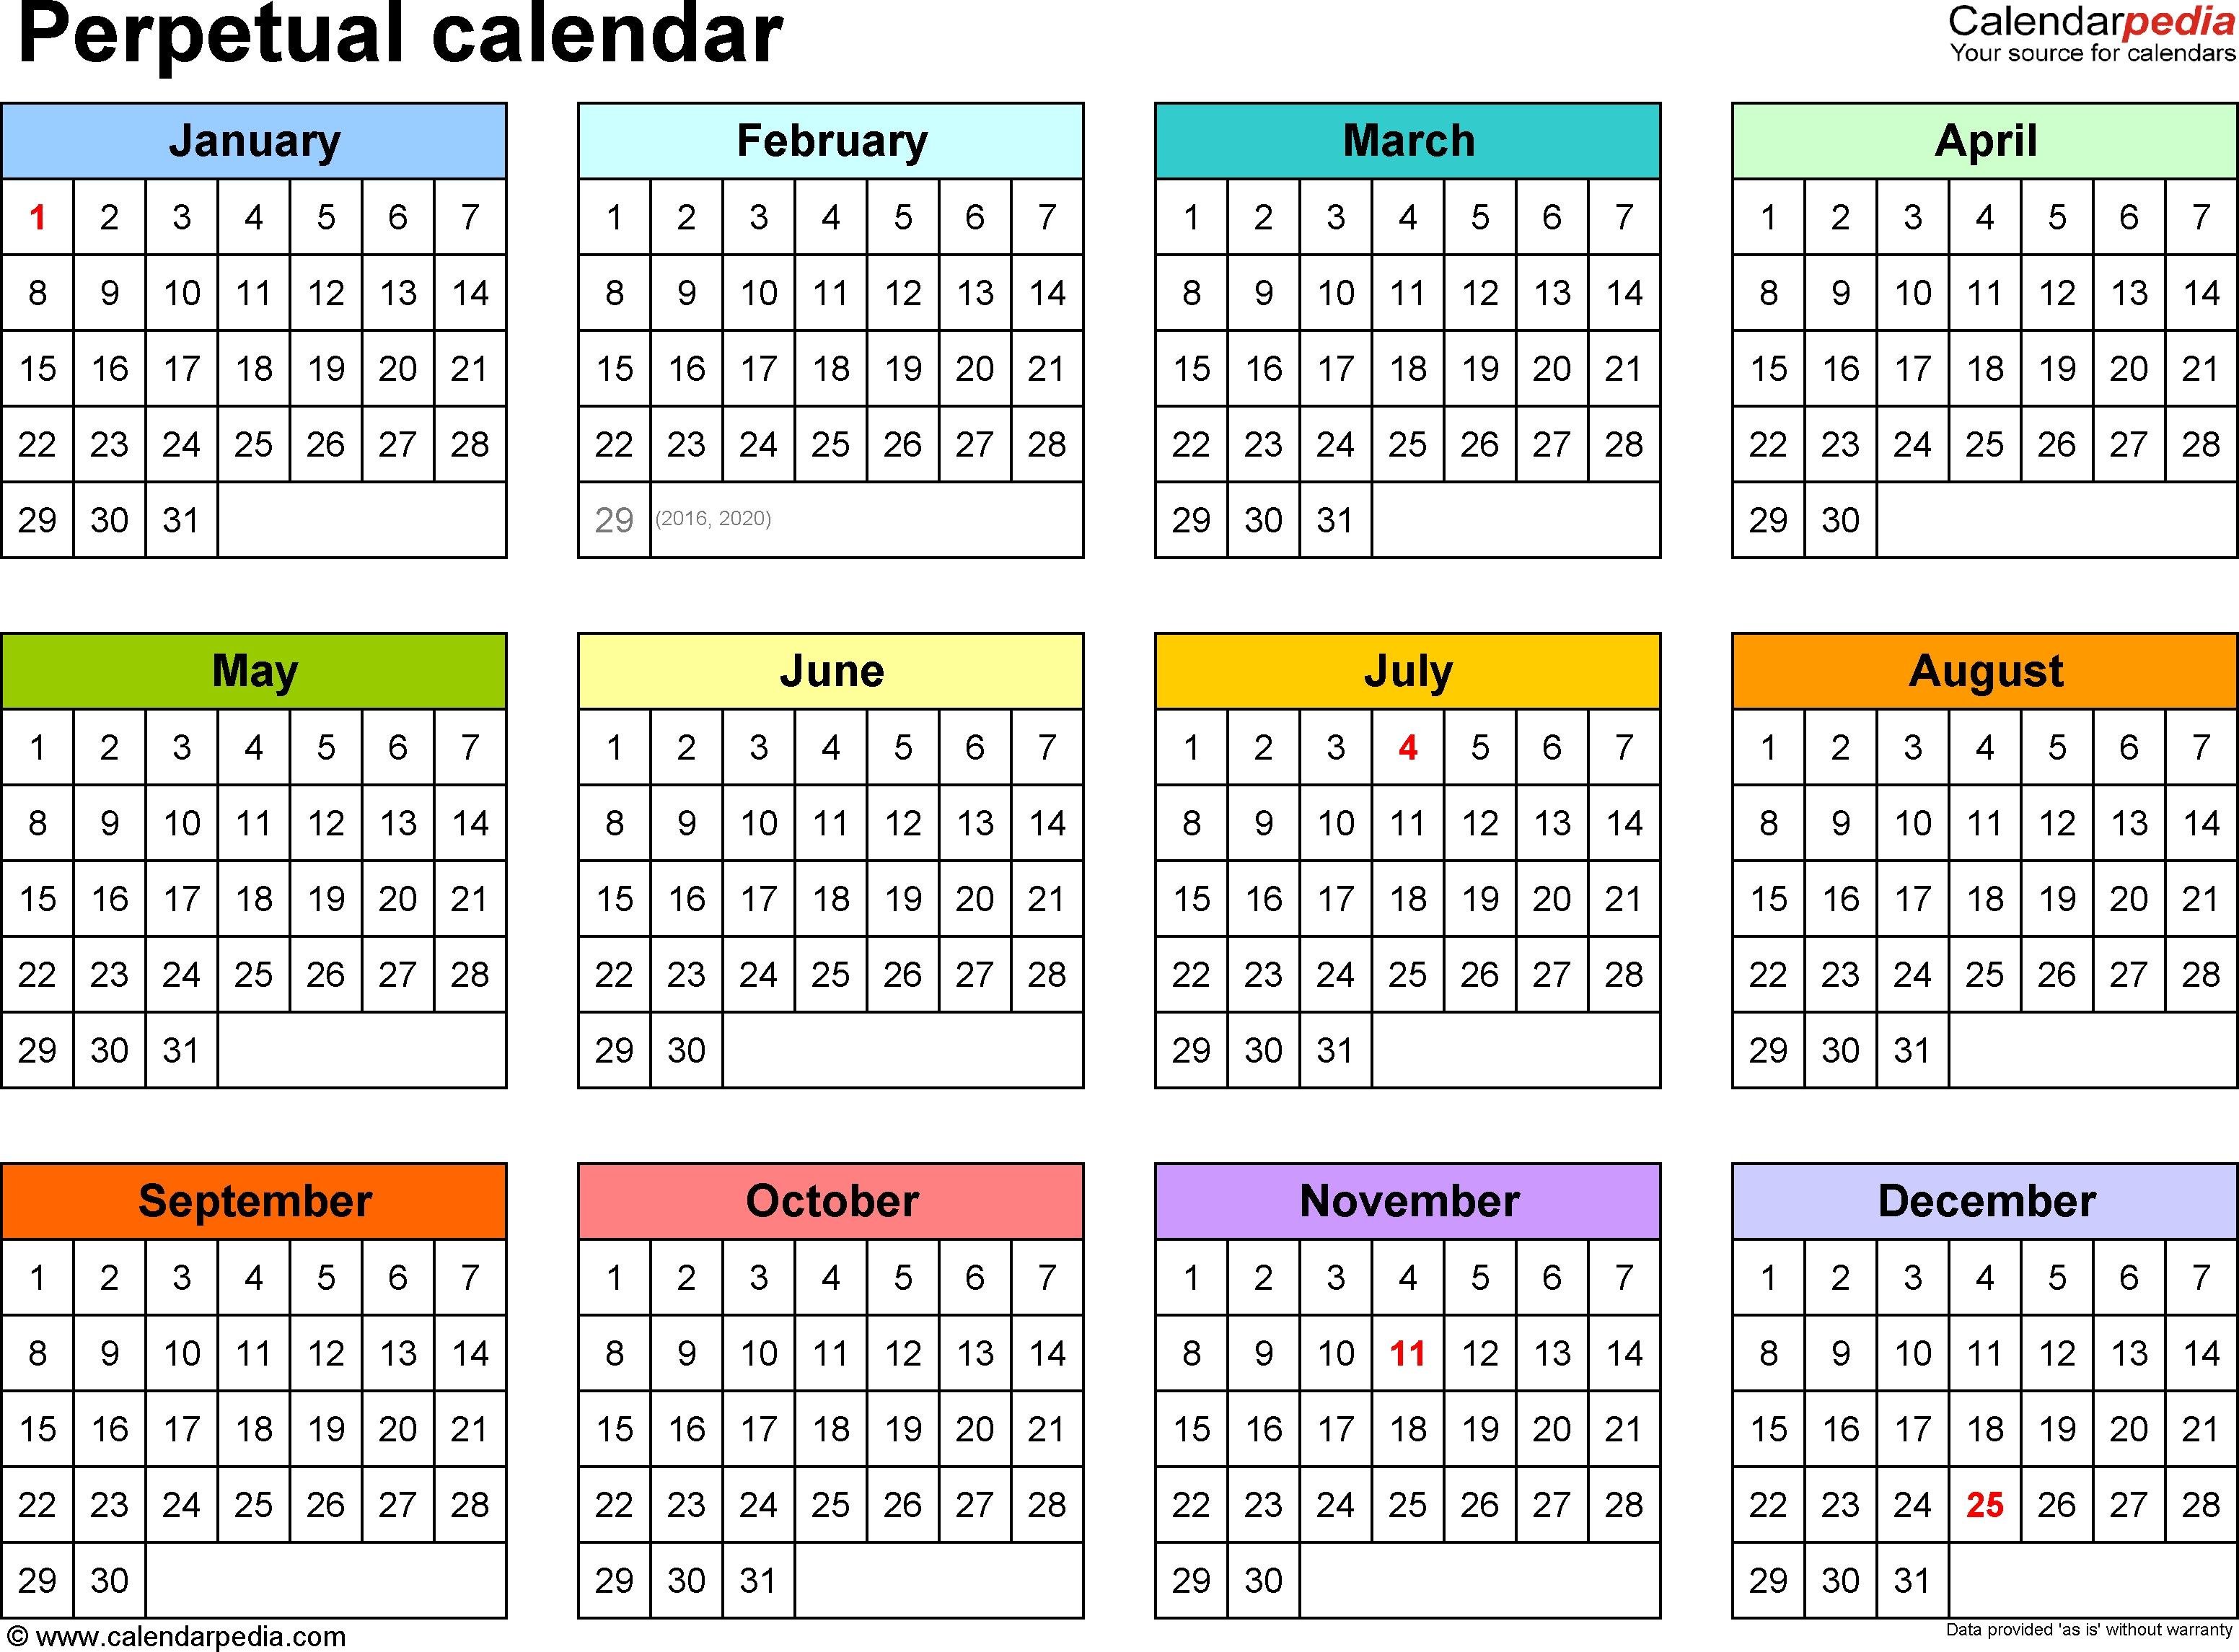 Perpetual Calendars - 7 Free Printable Pdf Templates-Free Printable 4X6 Calendars 2020 Templates